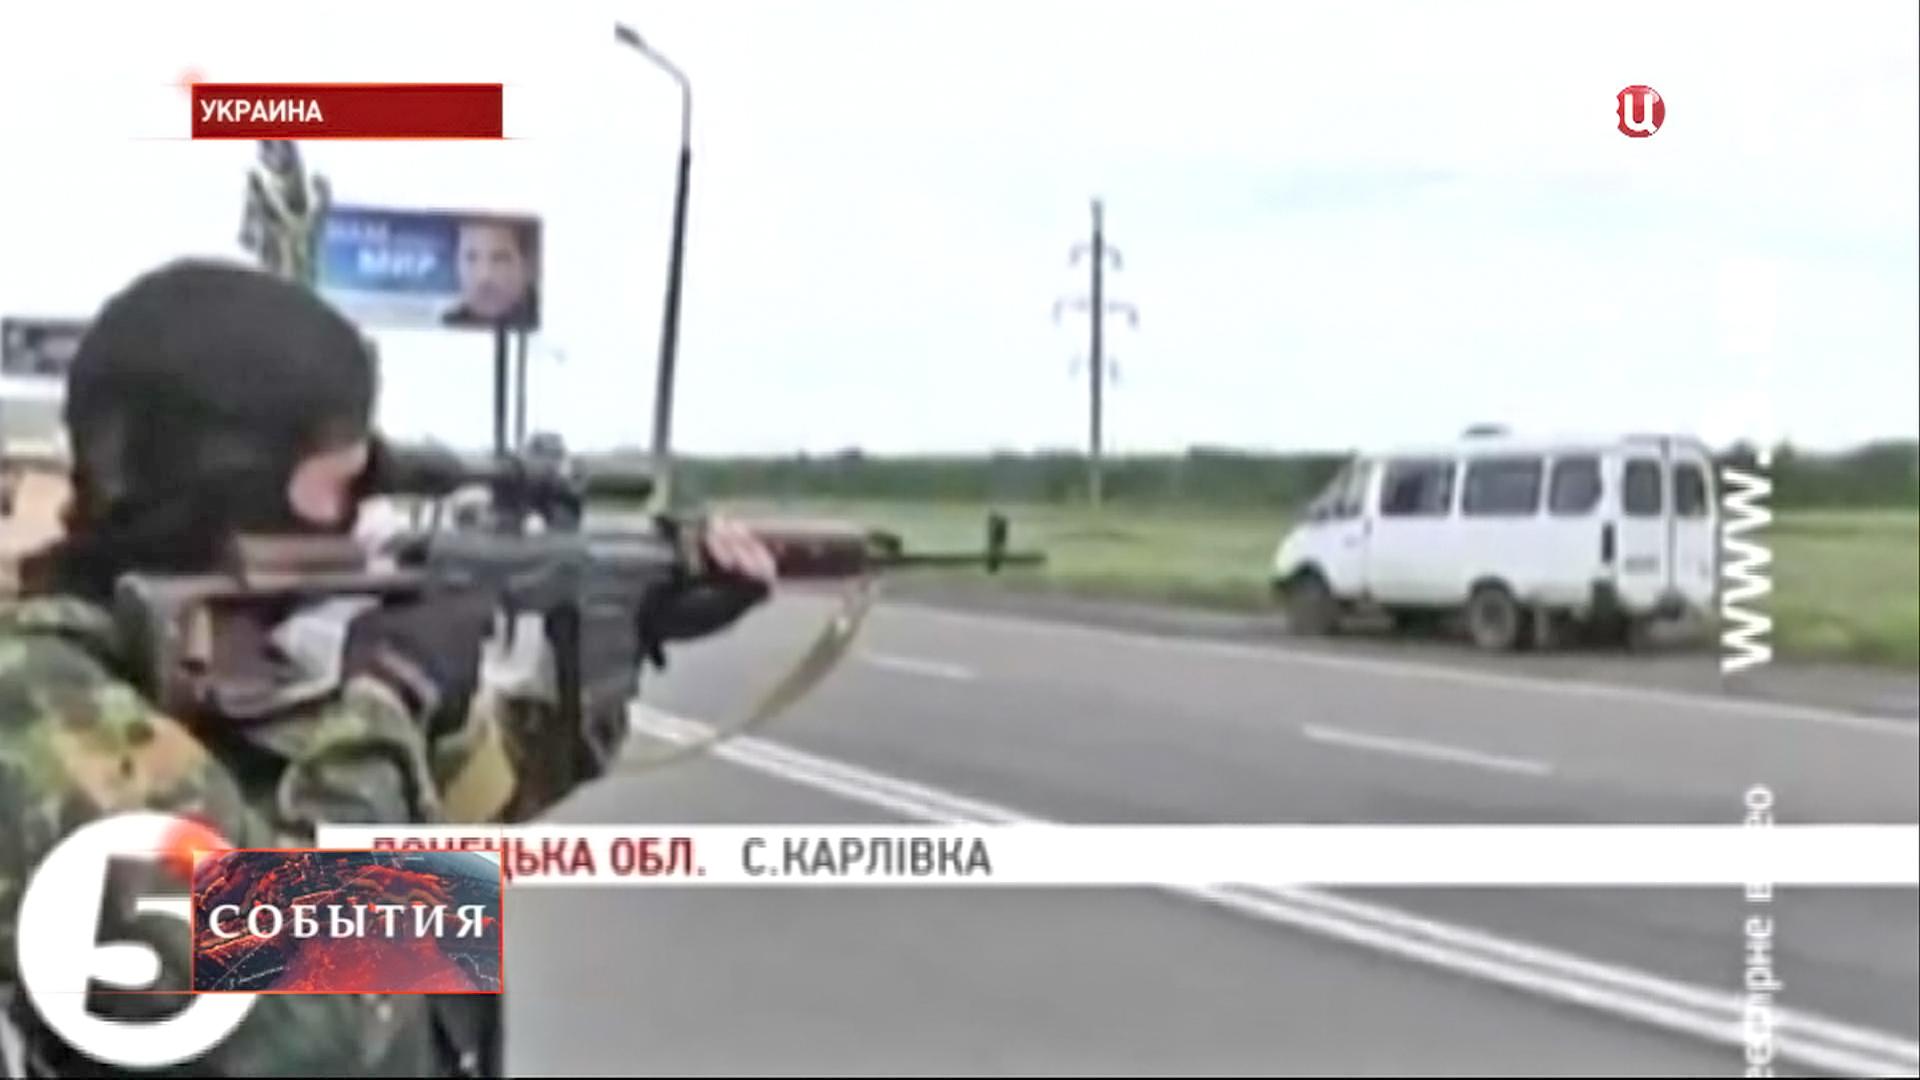 Стрельба на Украине